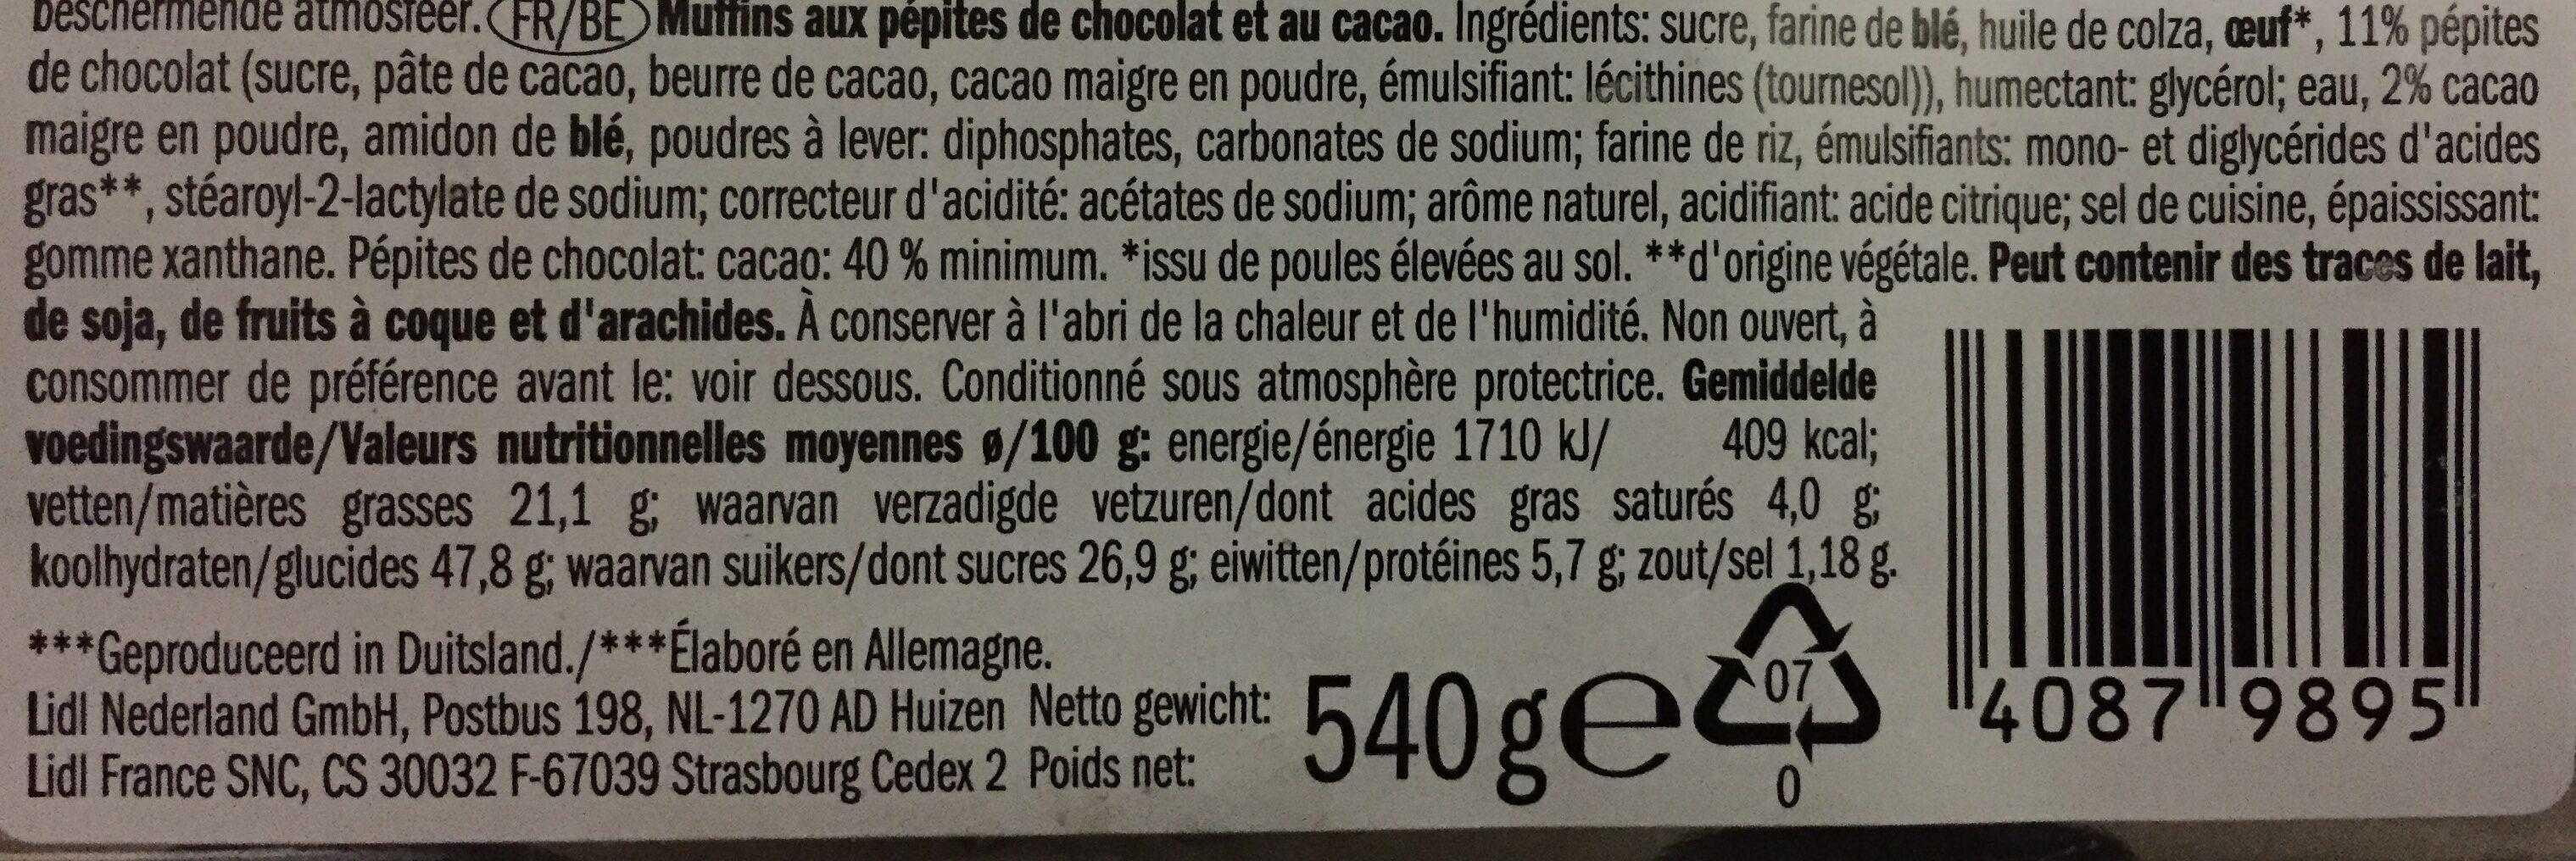 Muffins - Ingrédients